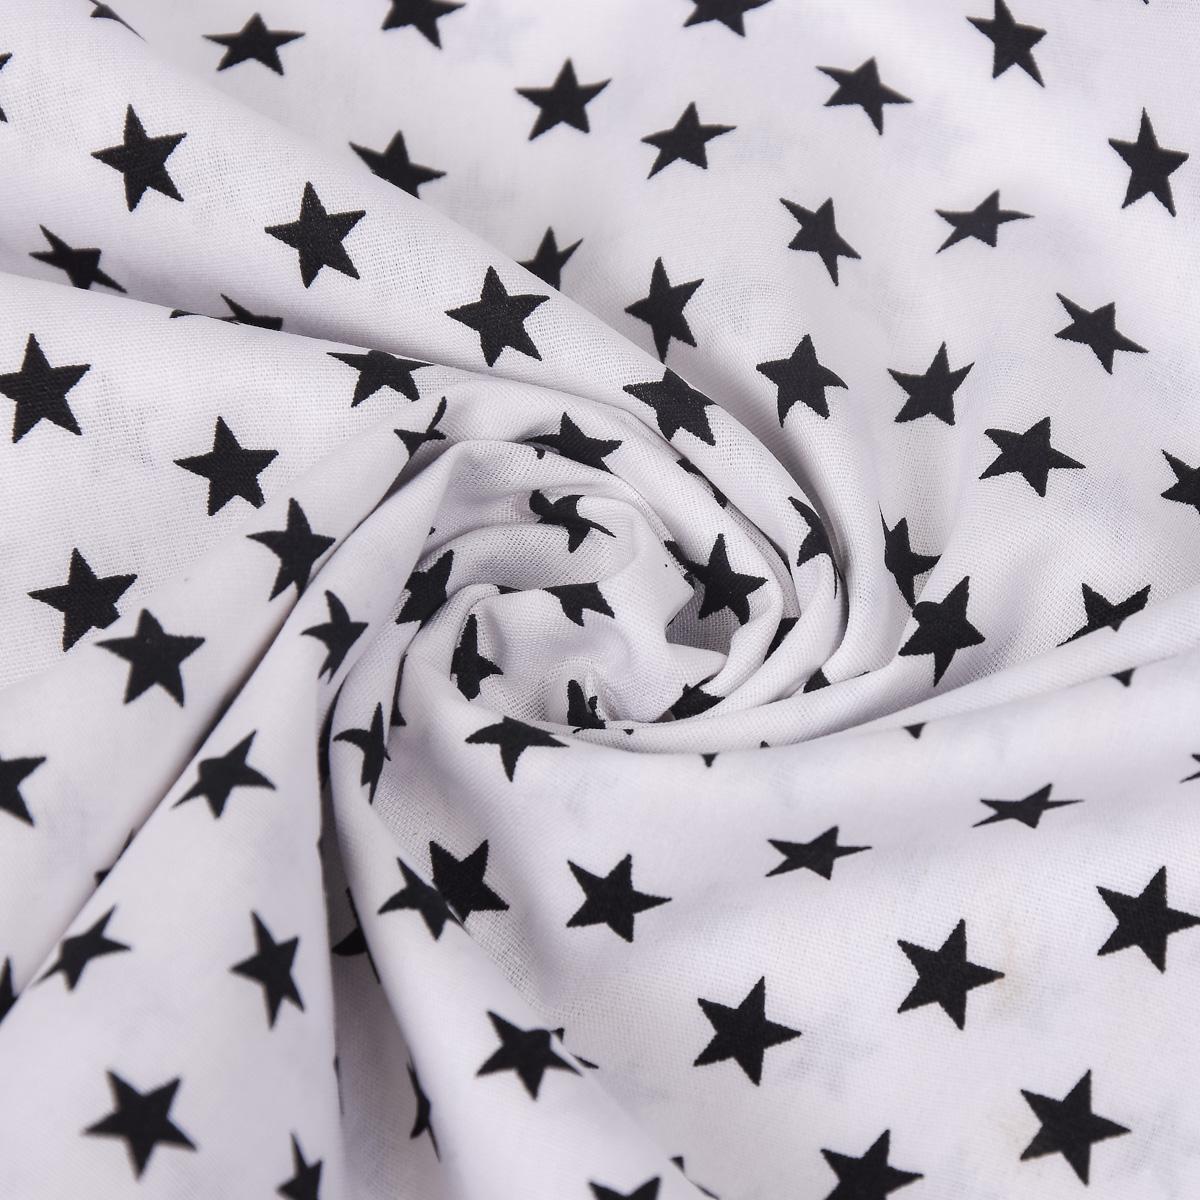 baumwollstoff sterne wei schwarz stoffe stoffe gemustert stoff sterne. Black Bedroom Furniture Sets. Home Design Ideas